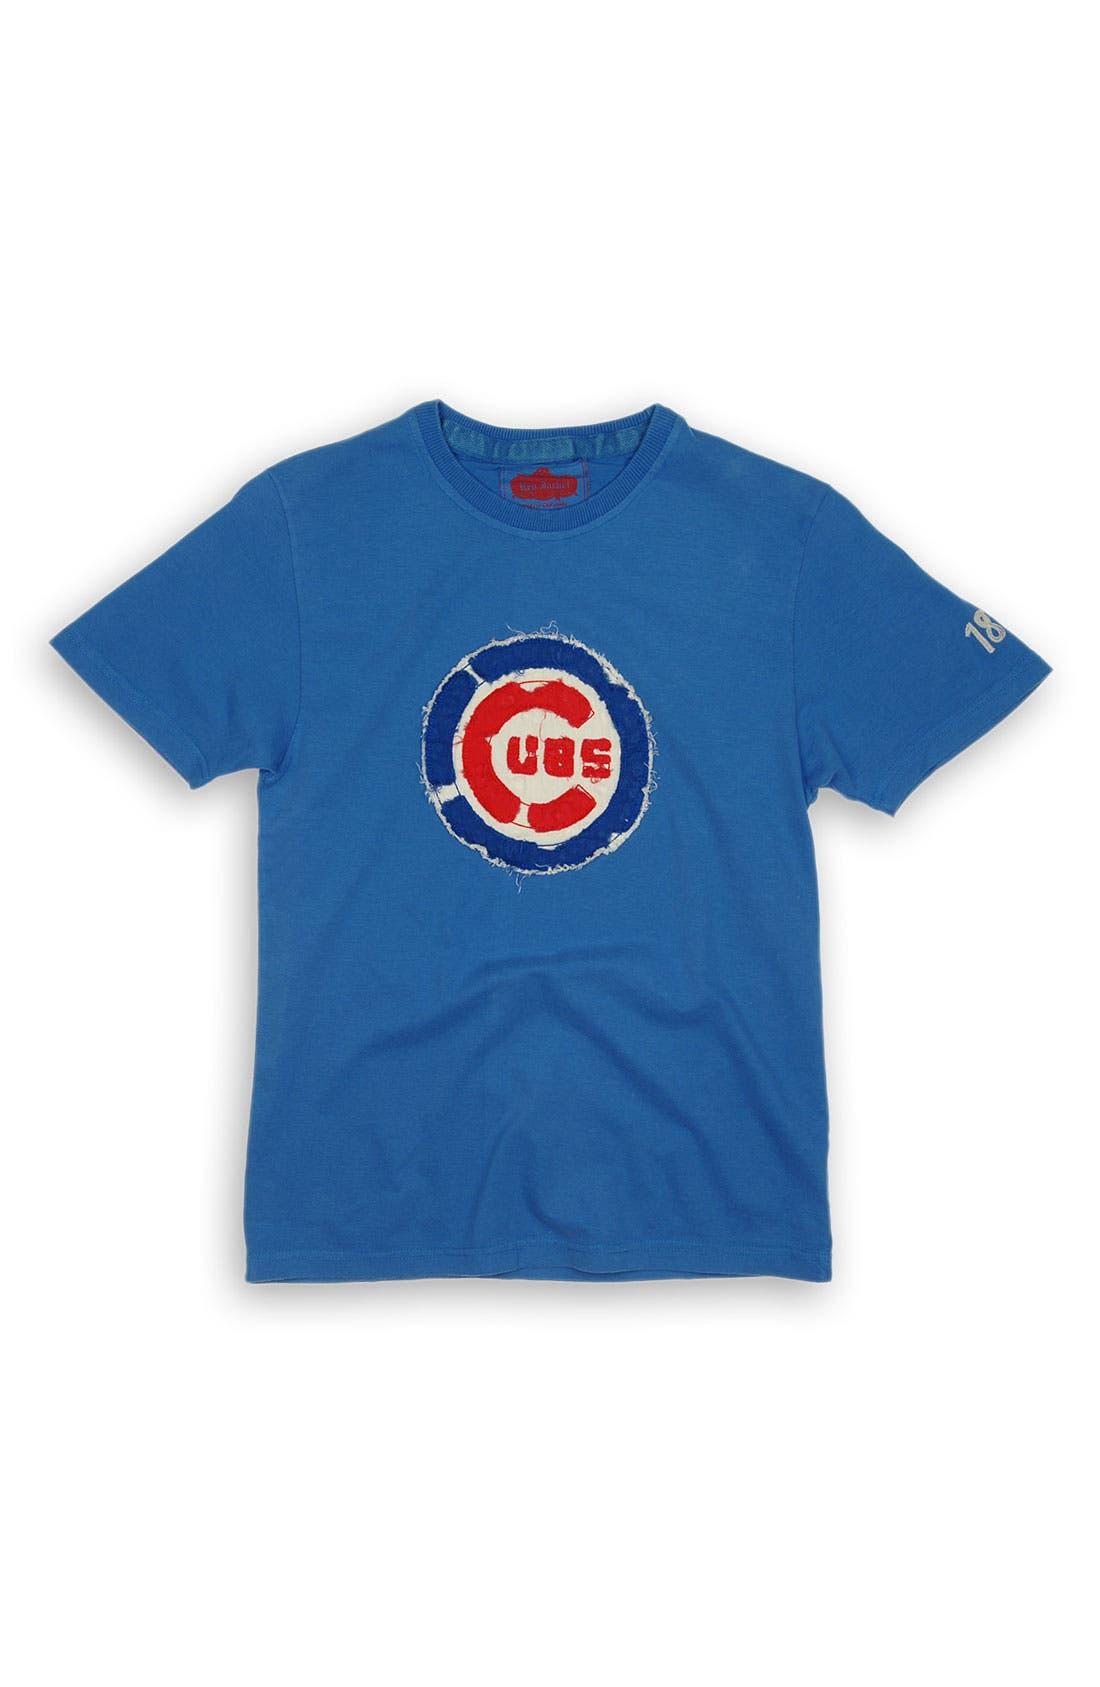 Alternate Image 1 Selected - Red Jacket 'Legend Cubs' T-Shirt